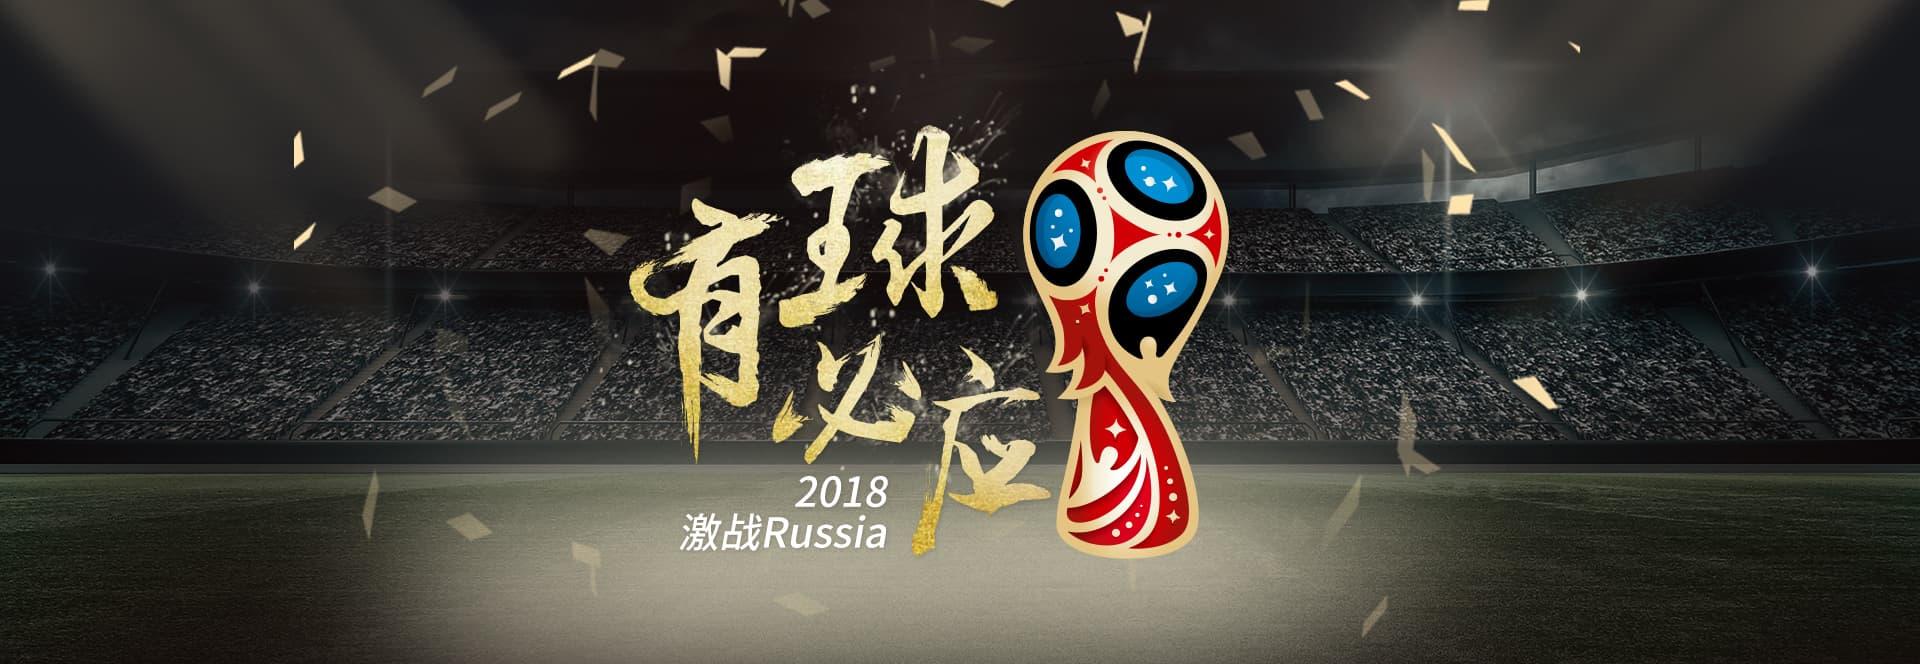 世界杯专题